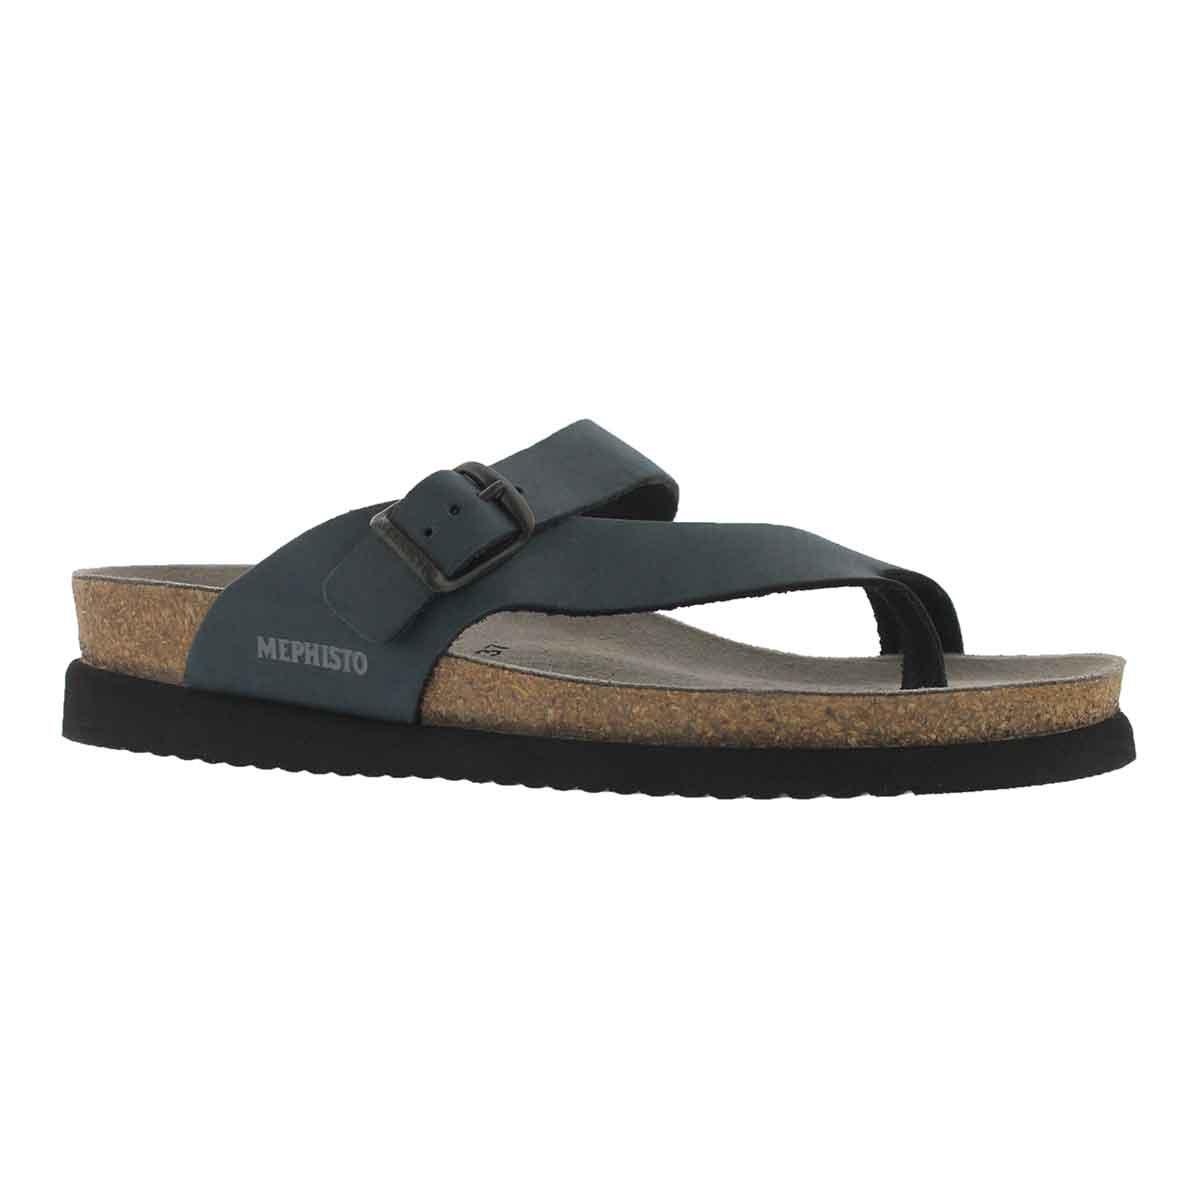 Women's HELEN navy thong sandals